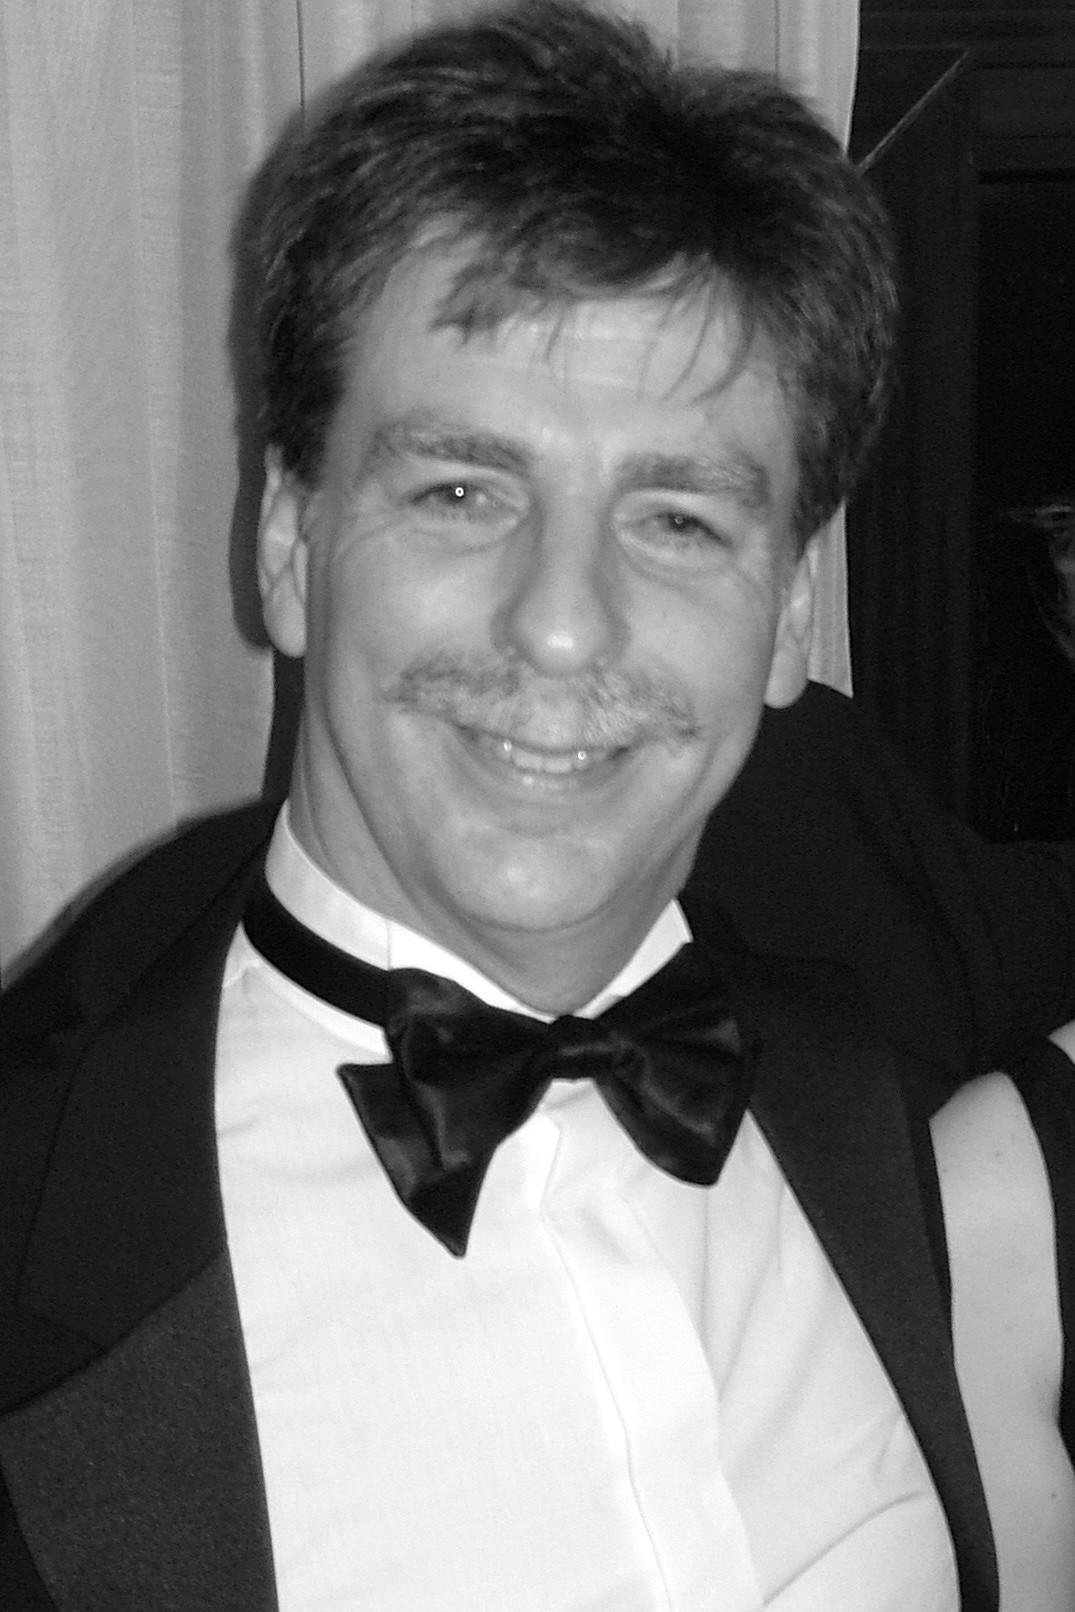 Charles Stringer